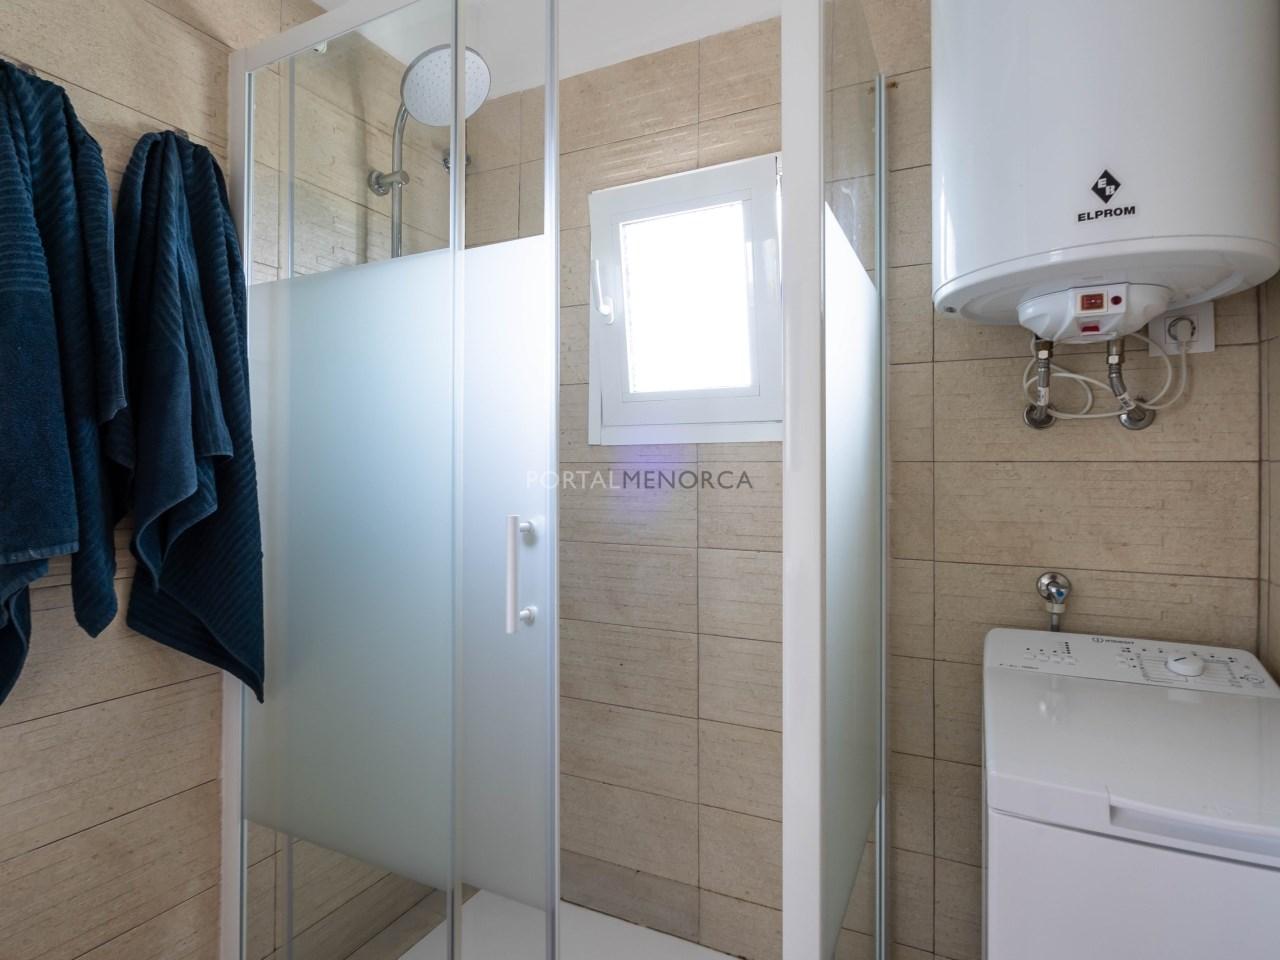 acheter-appartement-minorque (3)